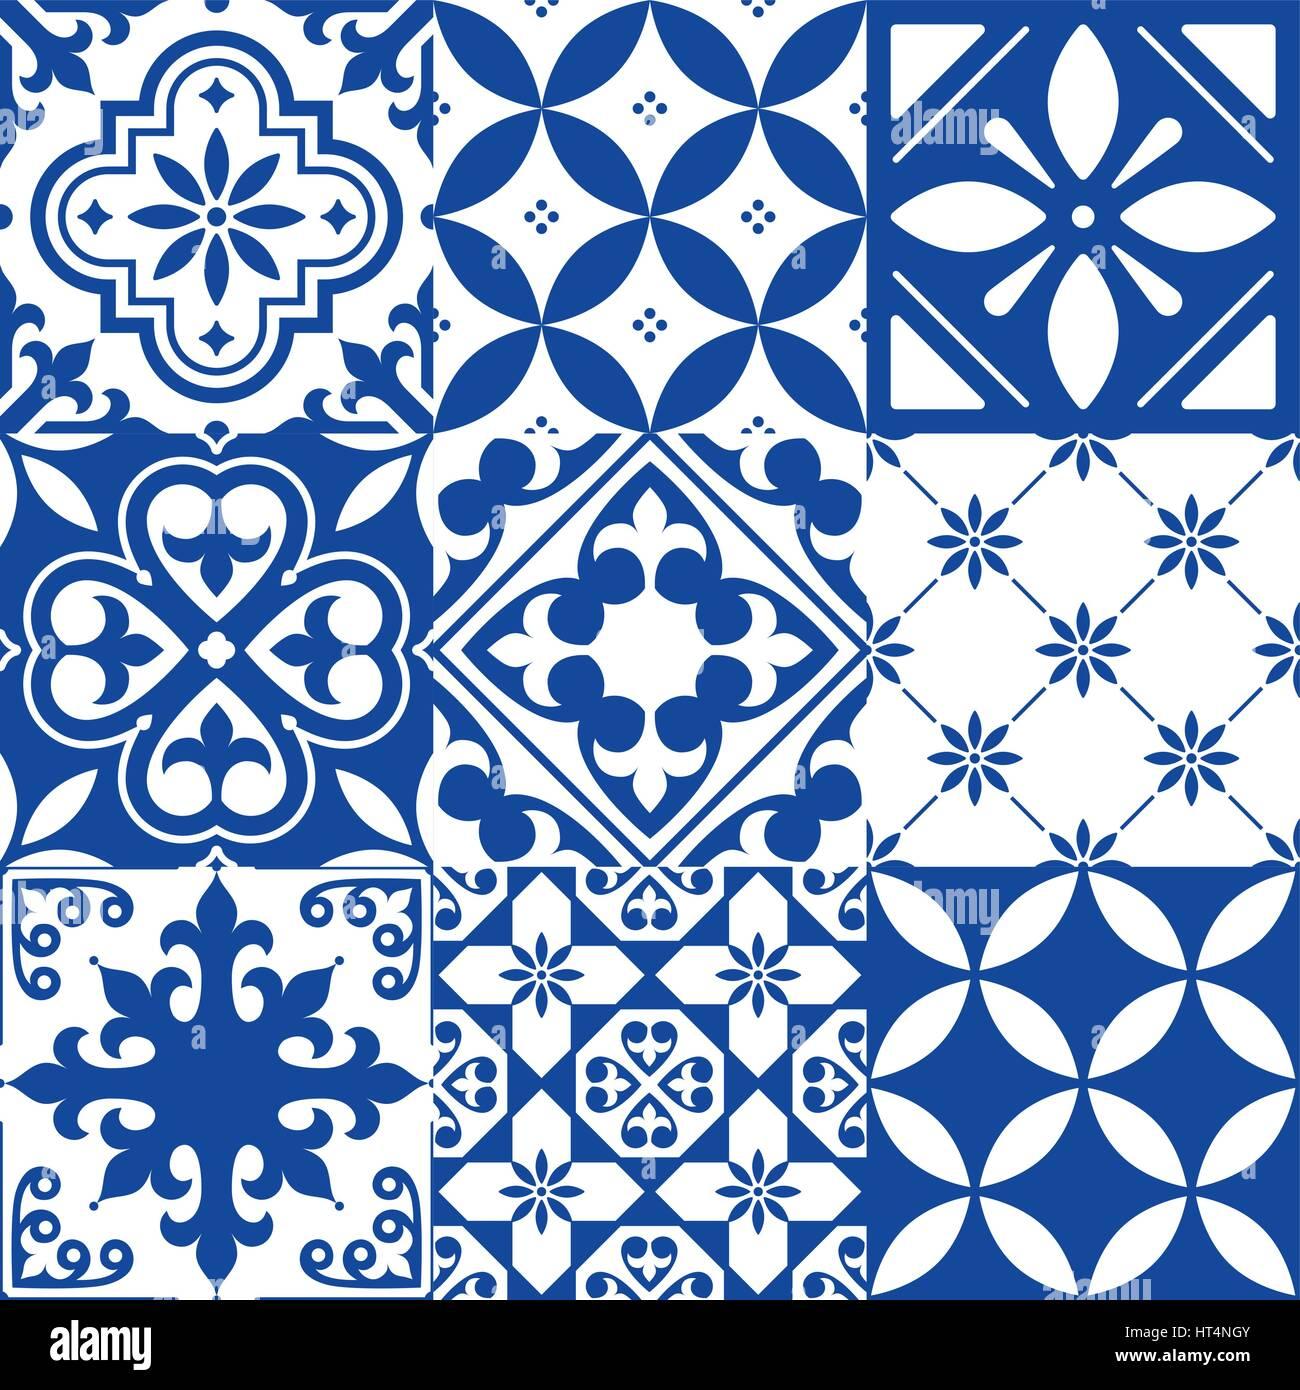 Spanische fliesen  Spanische Fliesen, marokkanischen Fliesen Design, Marineblau ...